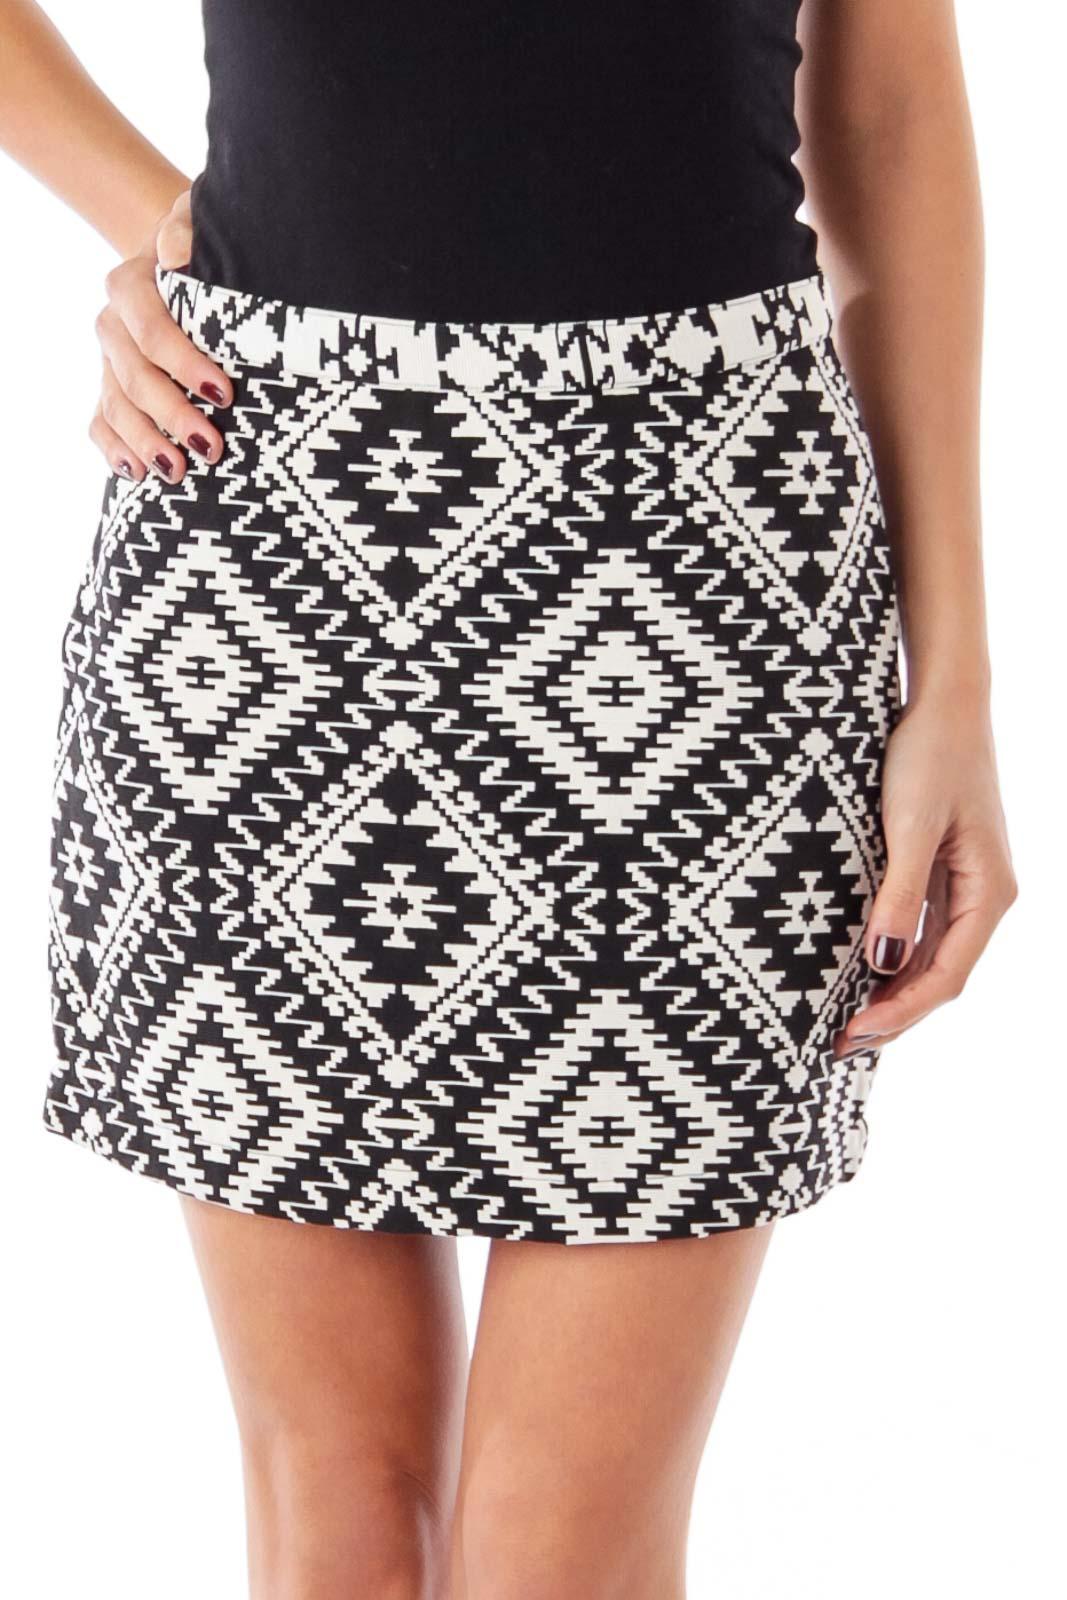 Black & White Geometric Print Mini Skirt